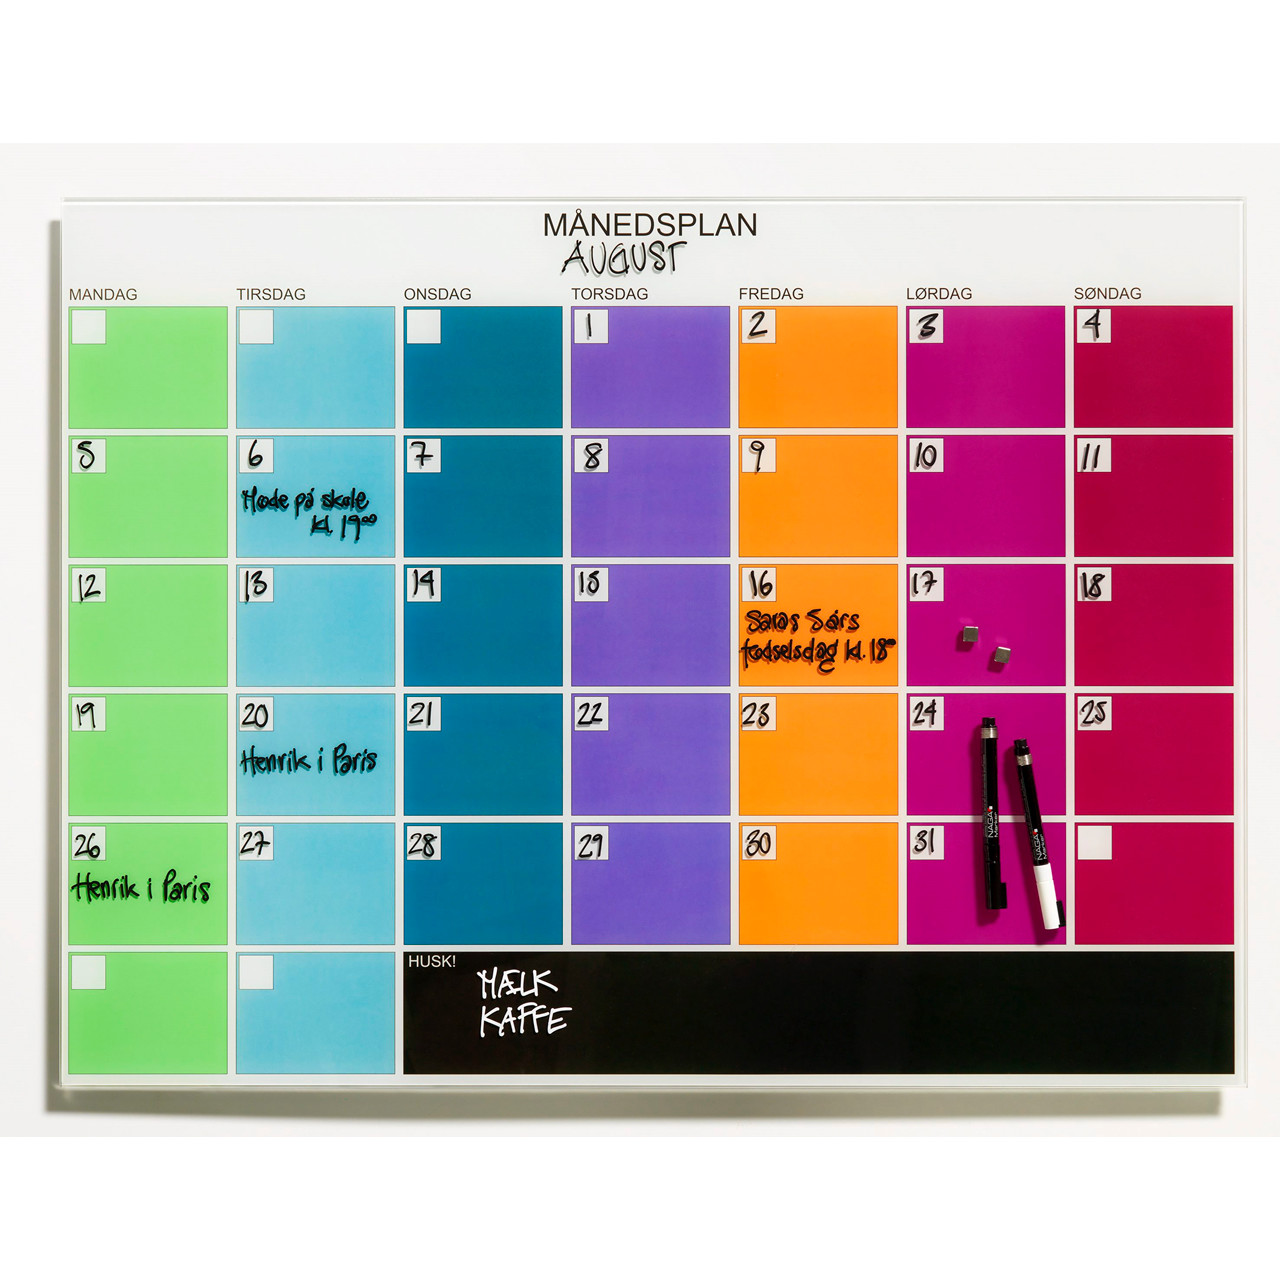 Kendte Naga Månedsplanner - Glastavle magnetisk 80 x 60 cm - Køb billigt IN-78